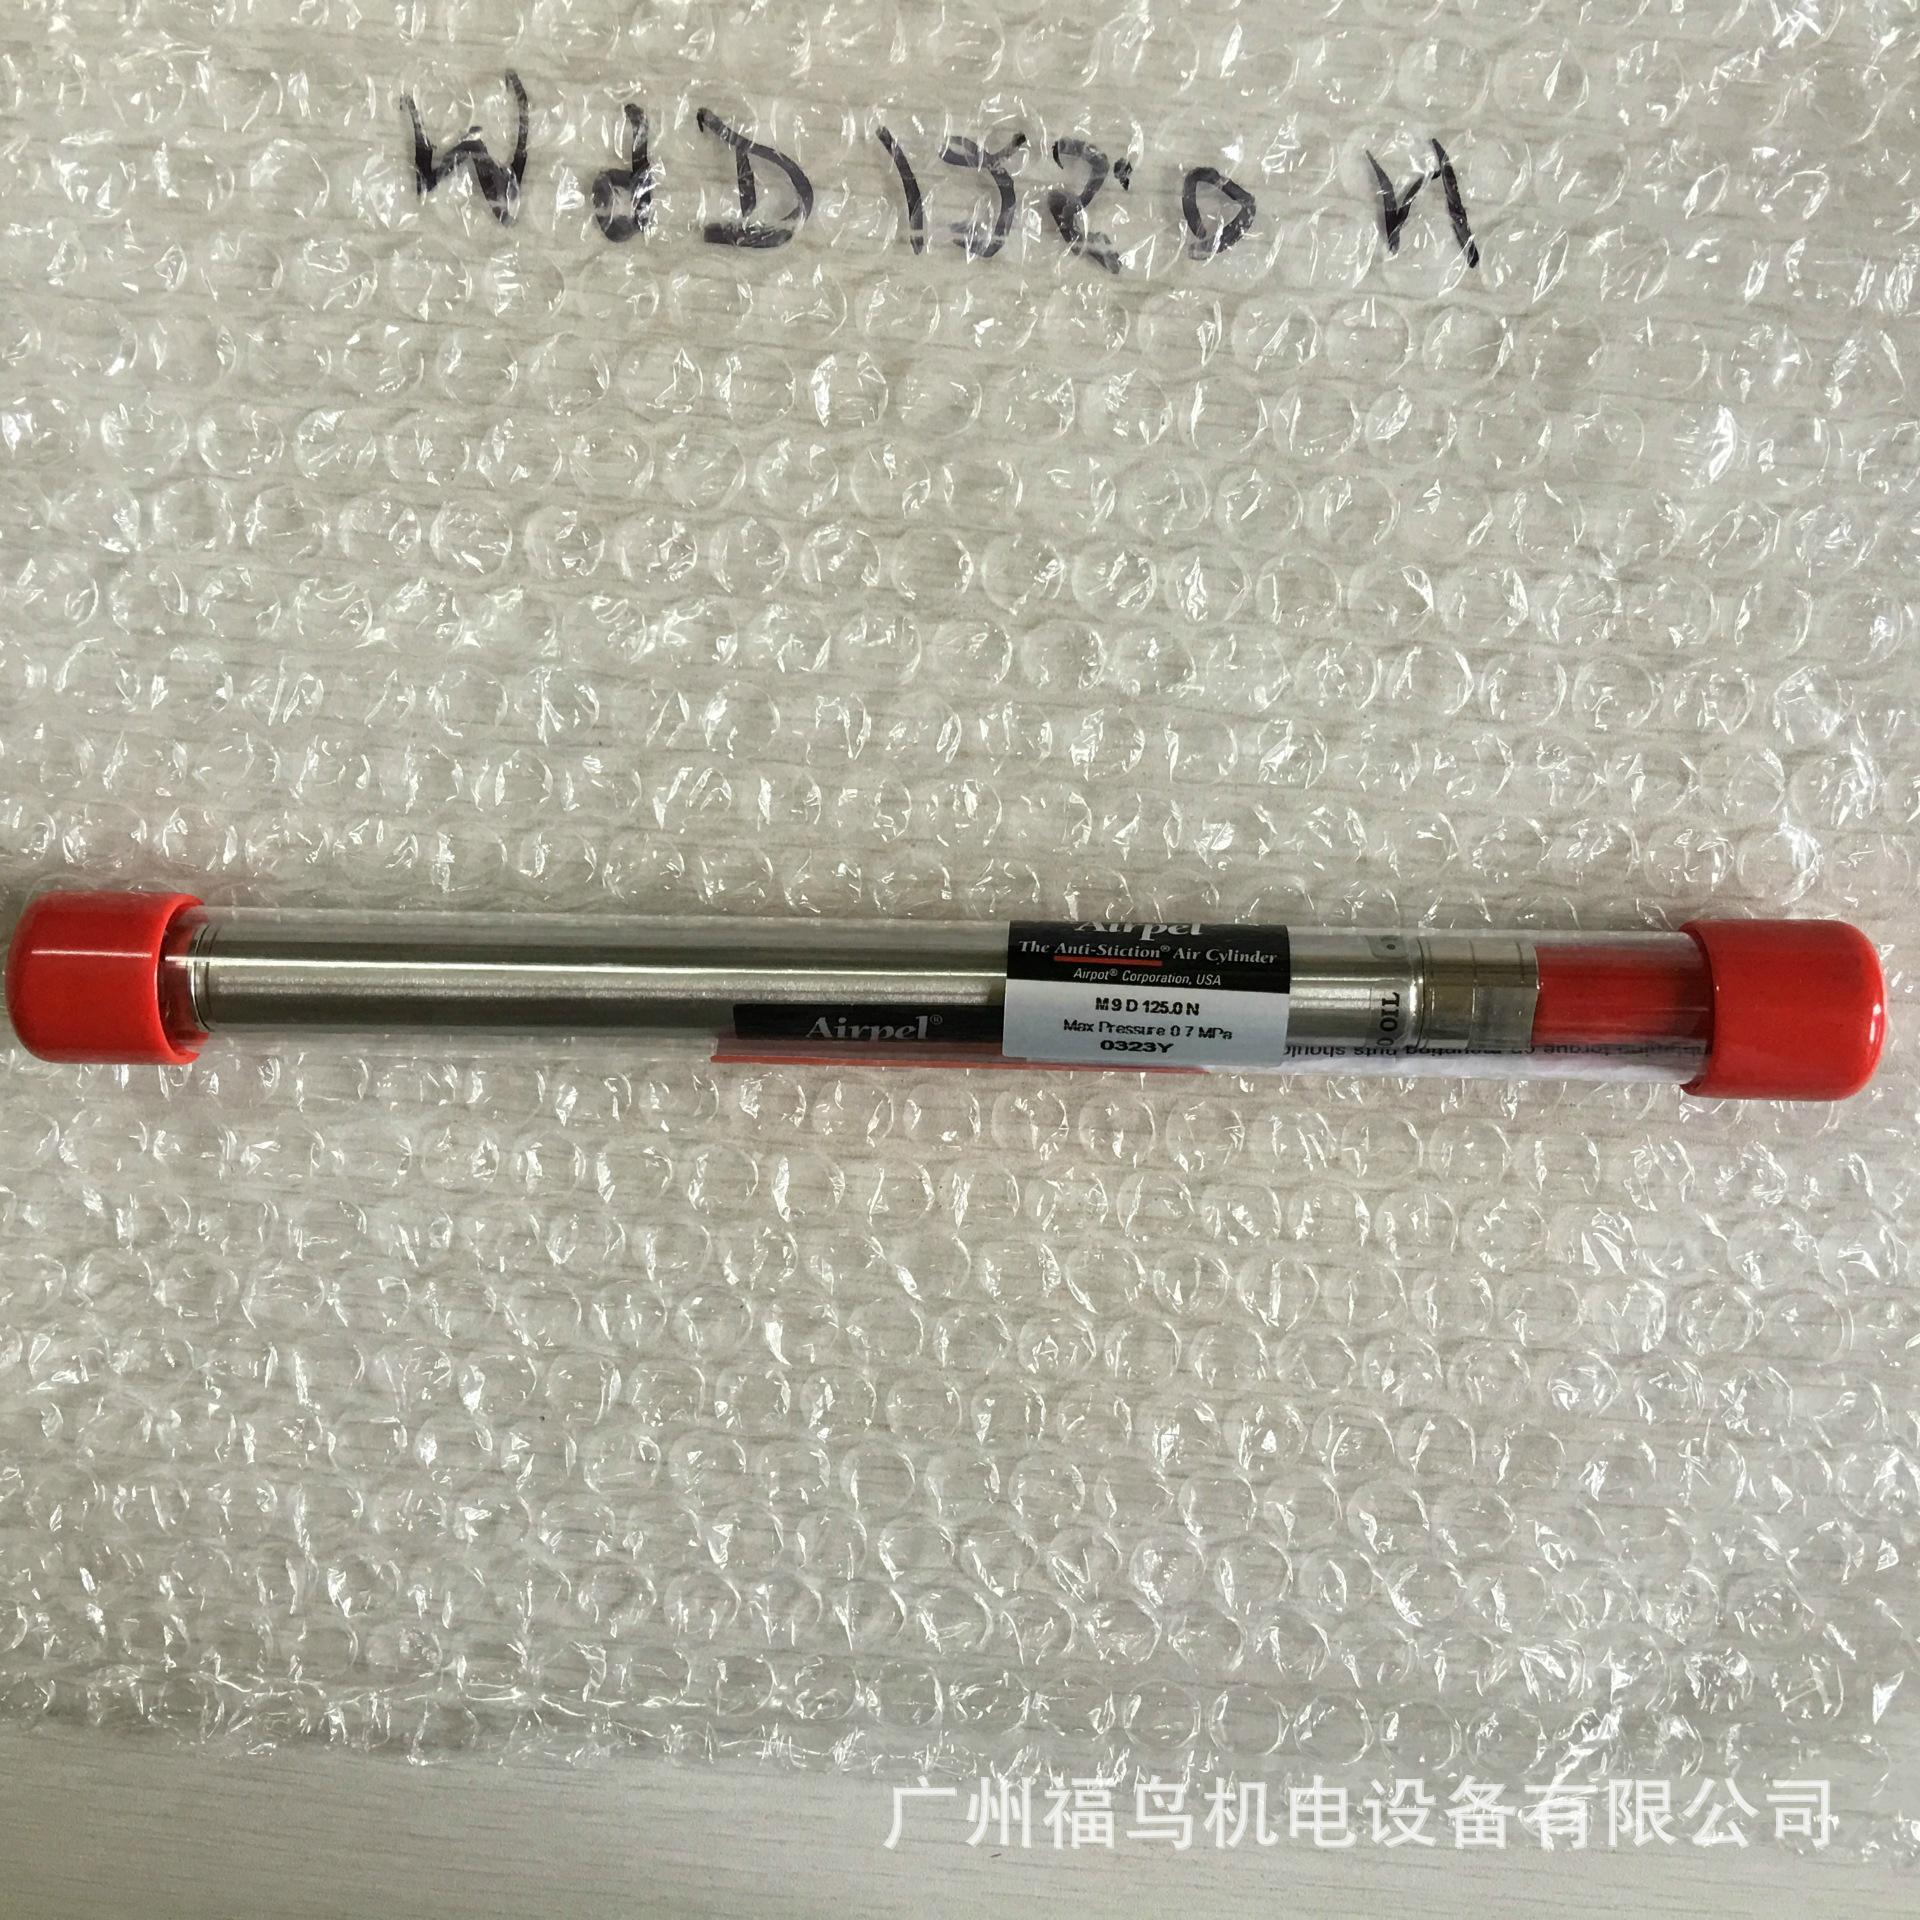 AIRPEL玻璃气缸, 型号: M9D125.0N